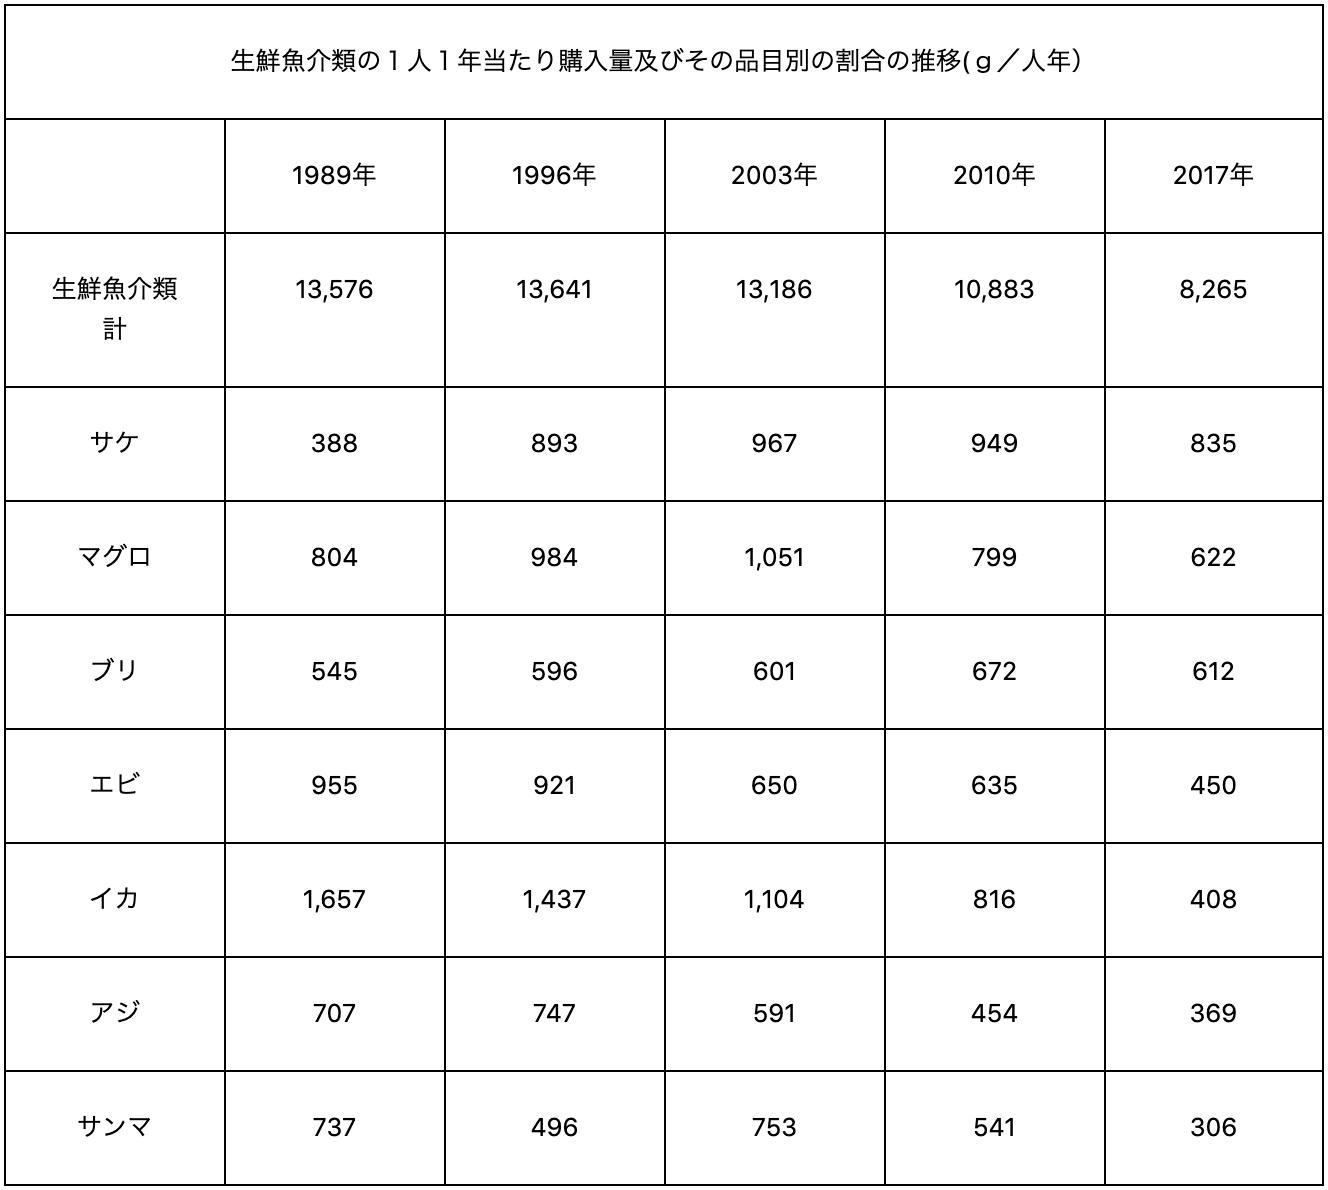 1人当たりの生鮮魚介類購入量の推移の表